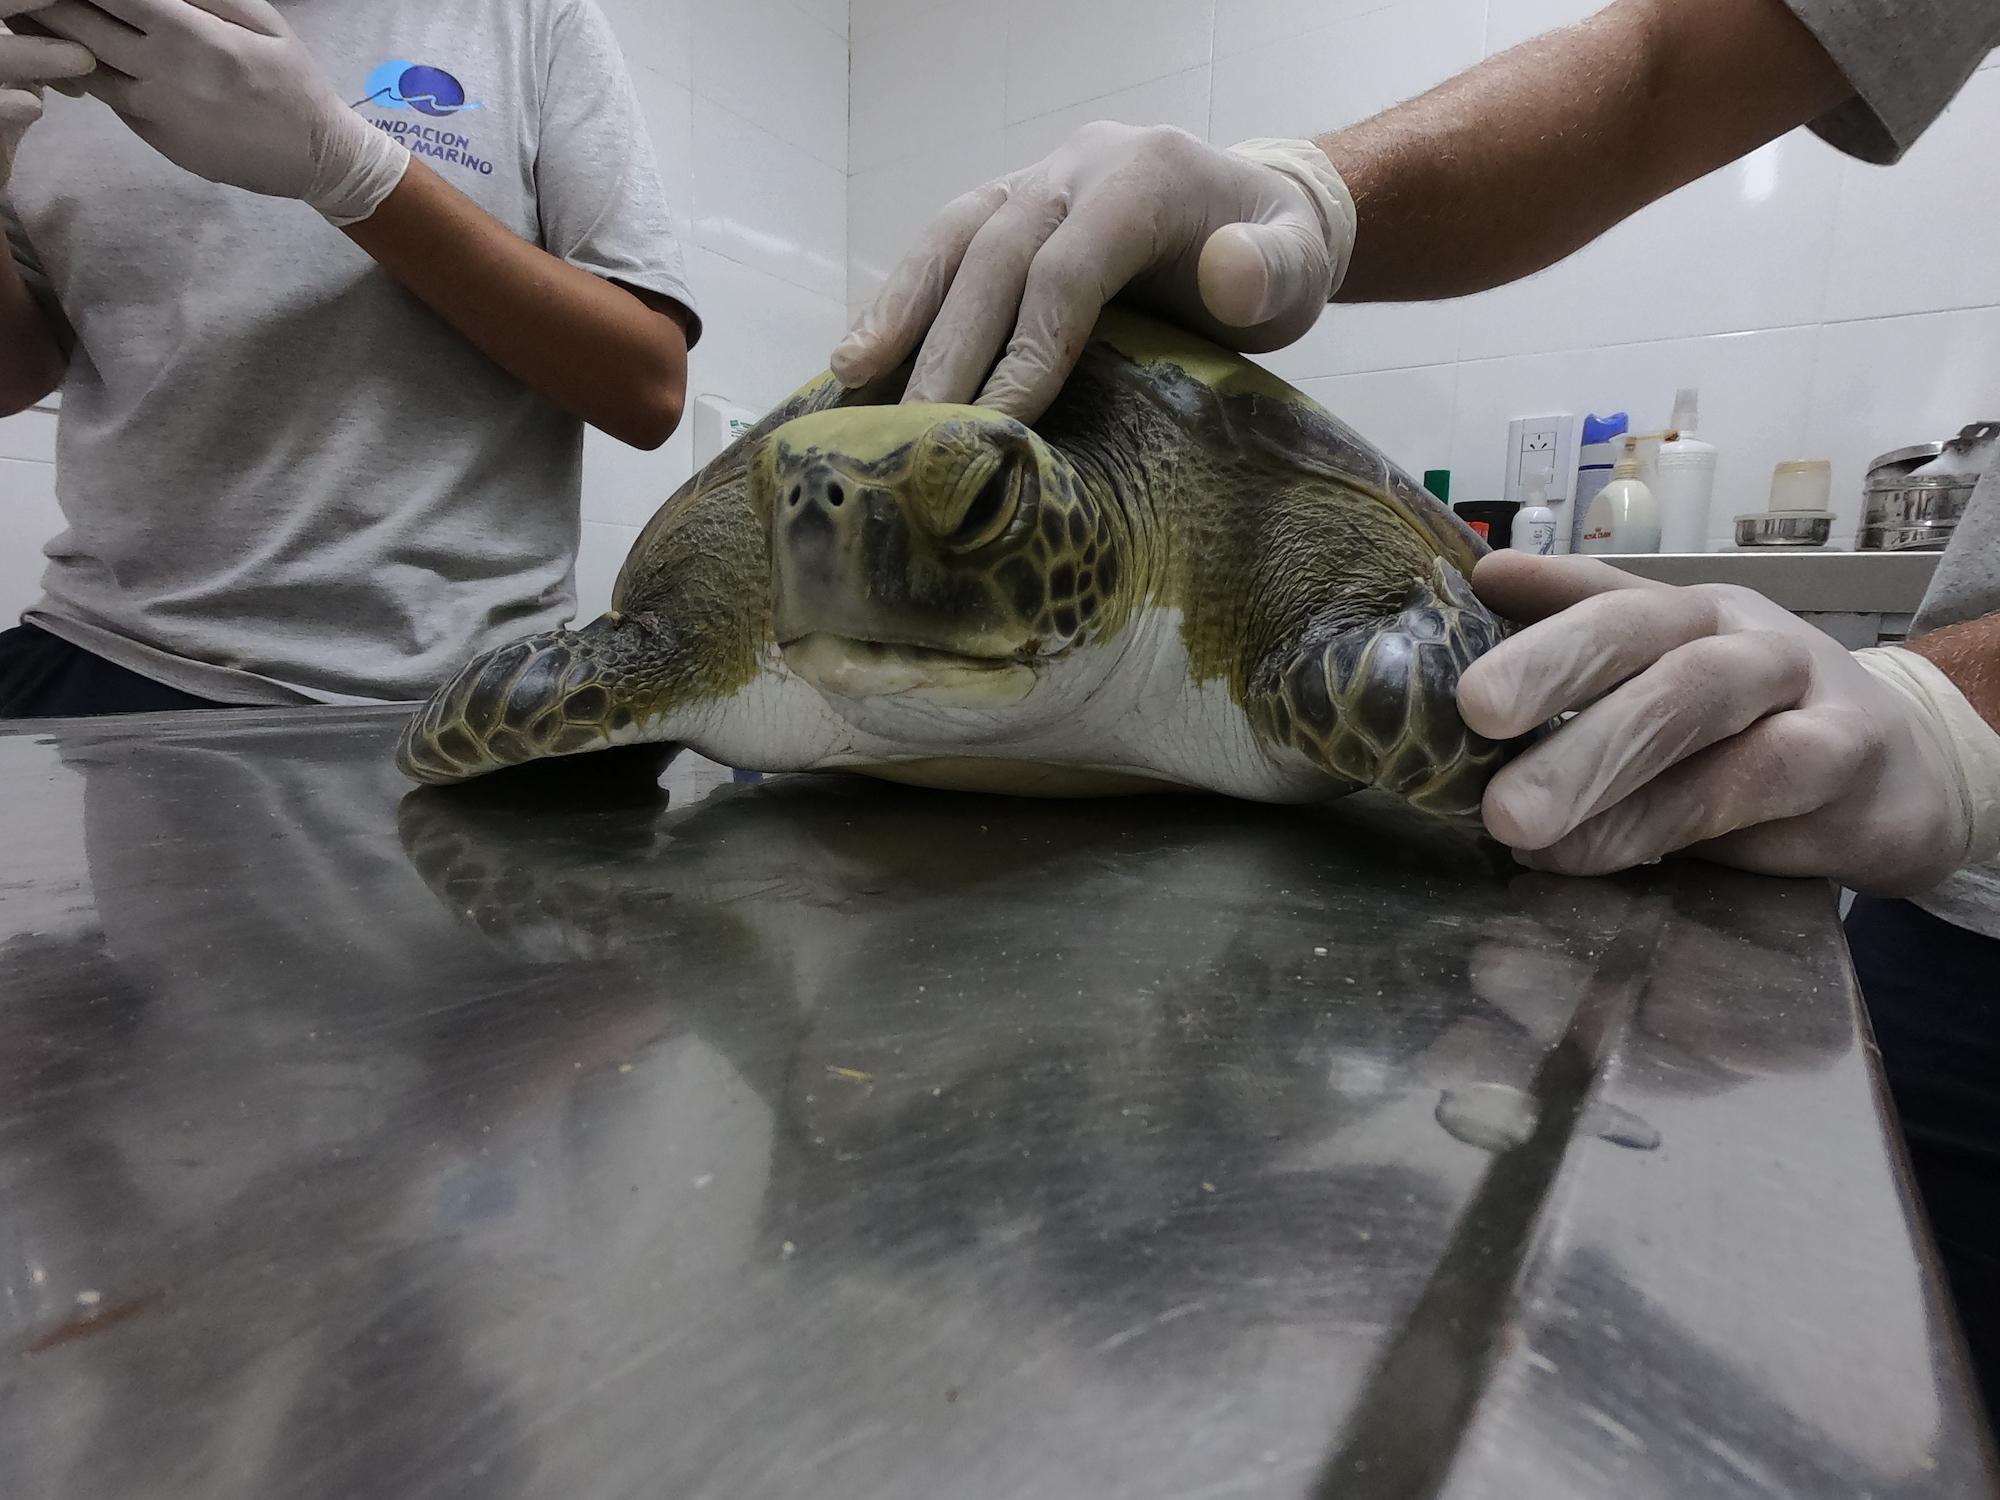 Après s'être emmêlée dans un filet de pêche, cette tortue verte a été amenée pour être réhabilitée.